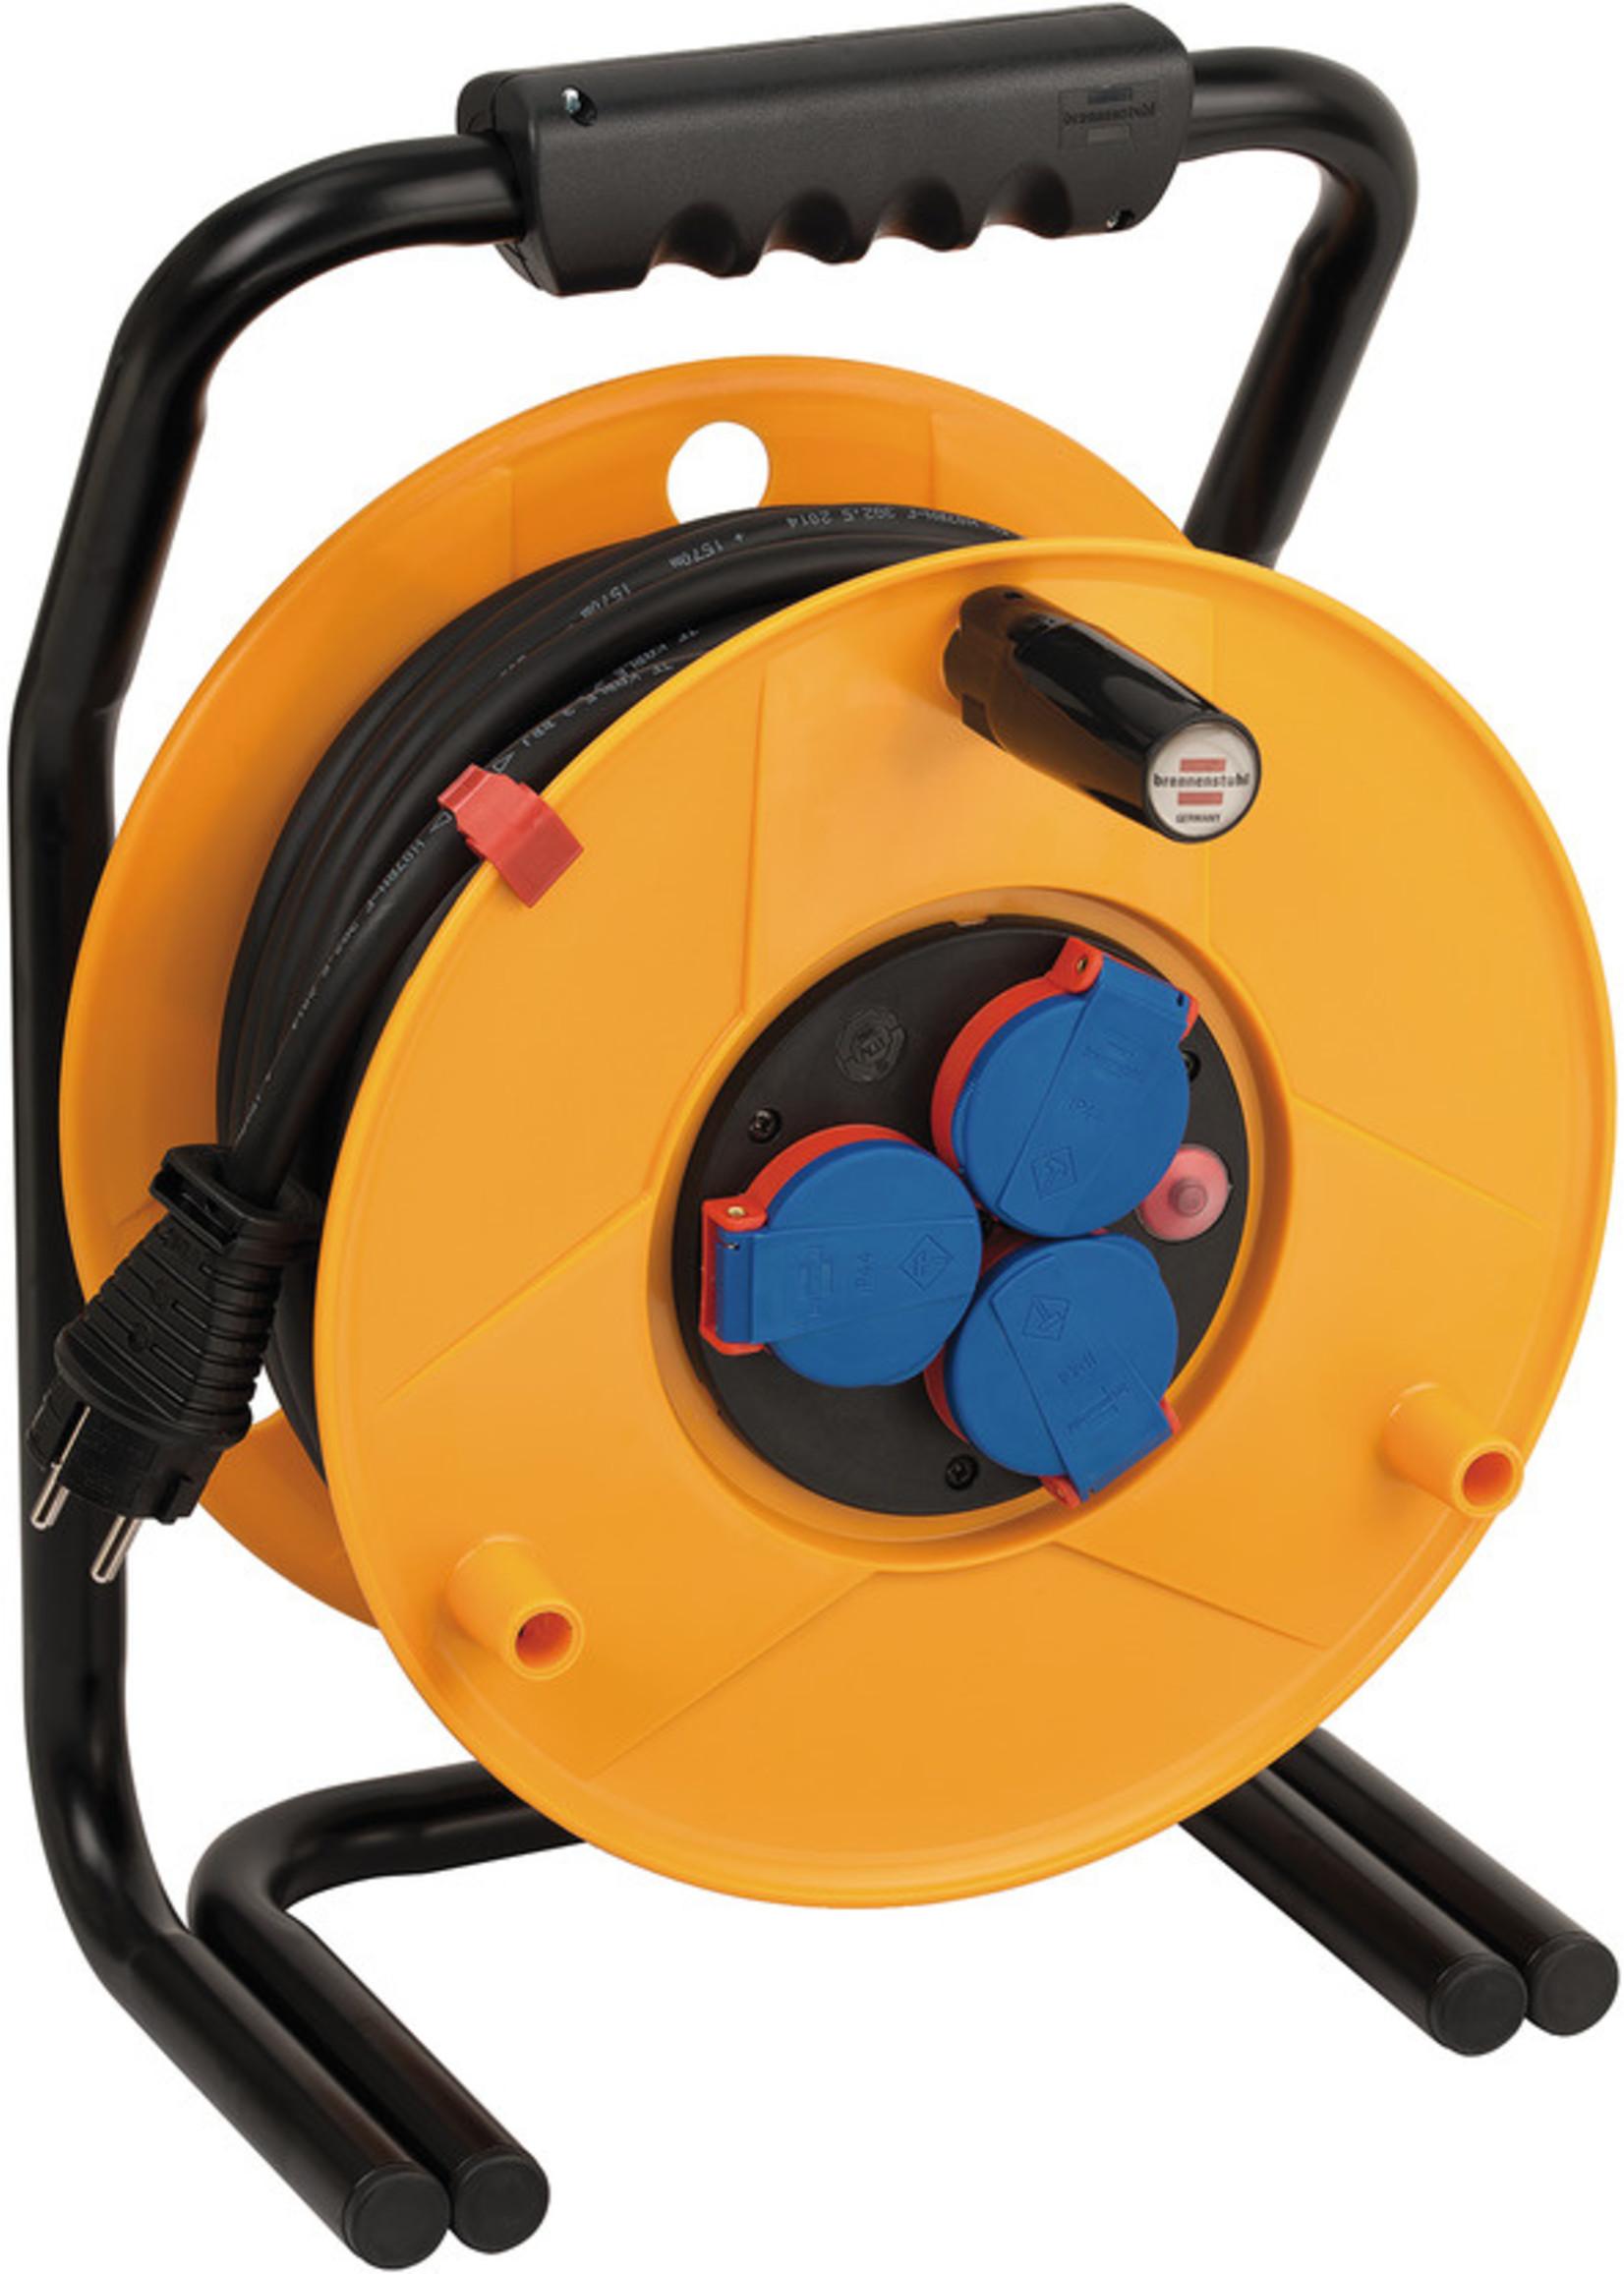 Brennenstuhl Brennenstuhl Brobusta IP44 kabelhaspel voor nijverheid/bouw 25m H07RN-F 3G2.5